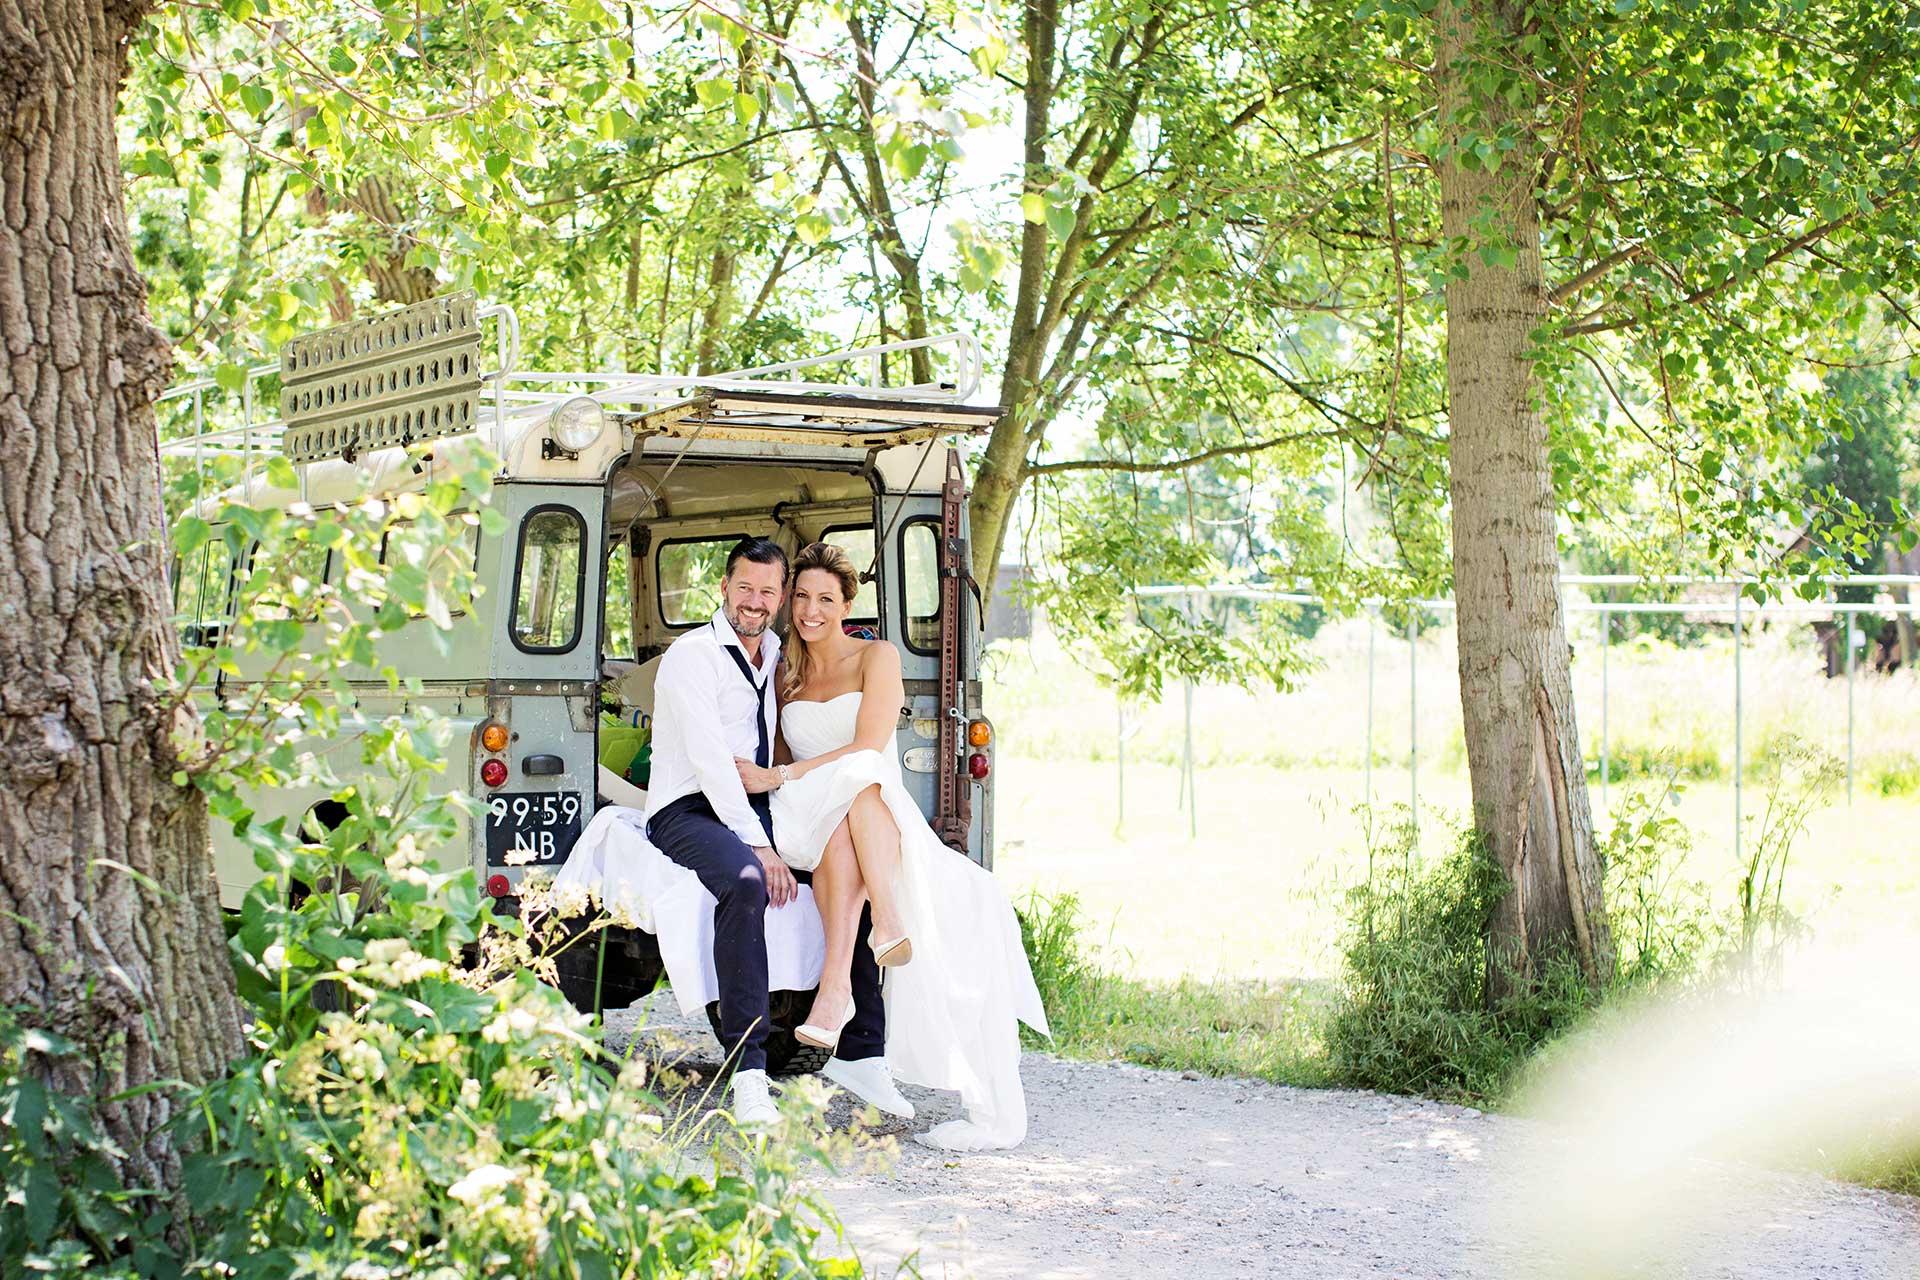 3-Barbara-fotografie-trouwen